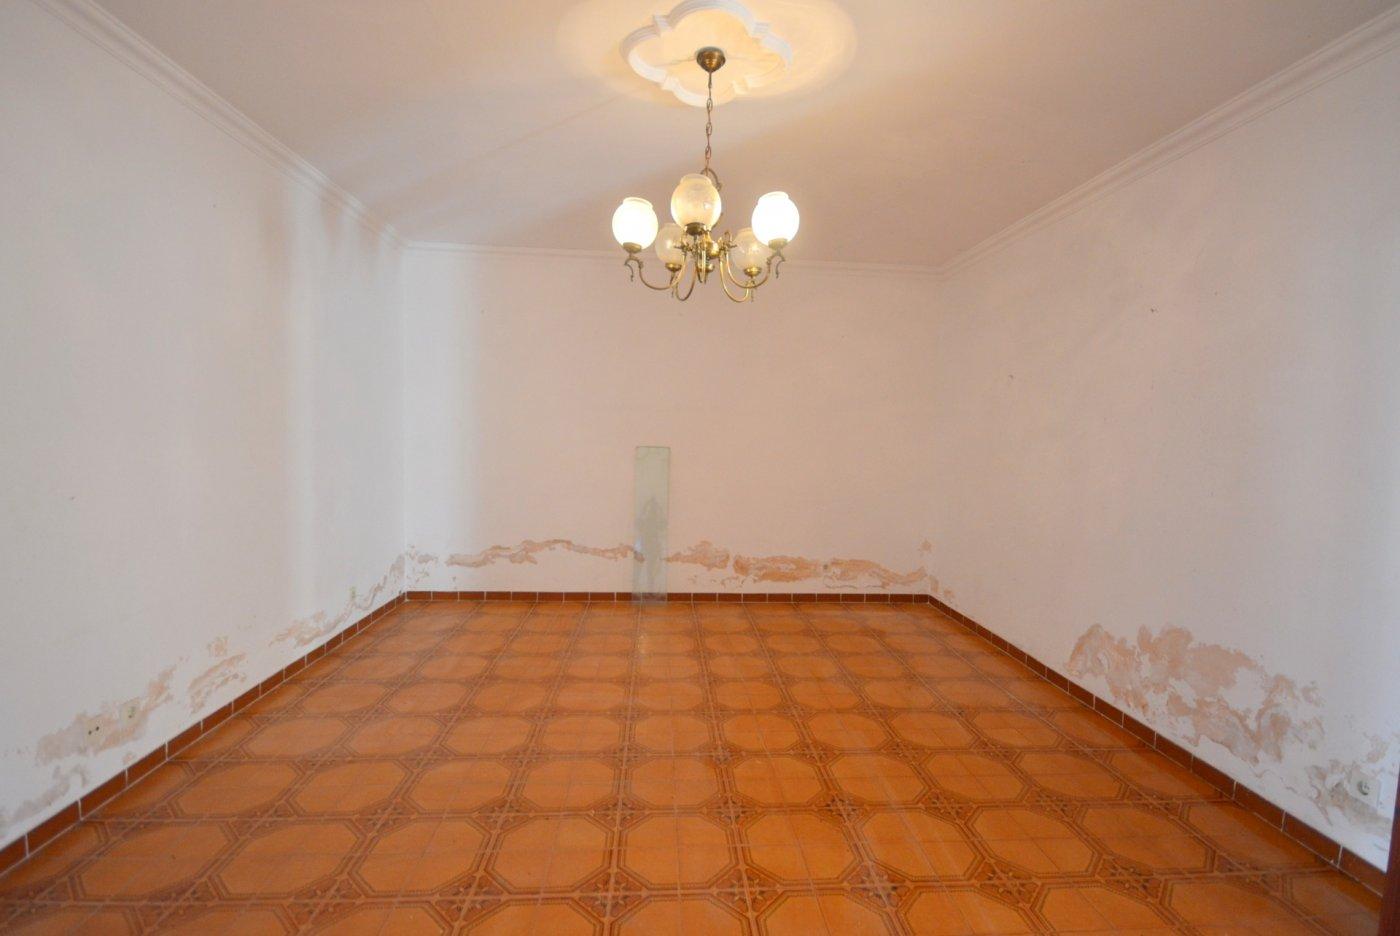 Casa techo libre con terreno de 385m2, zona santa maría - imagenInmueble20